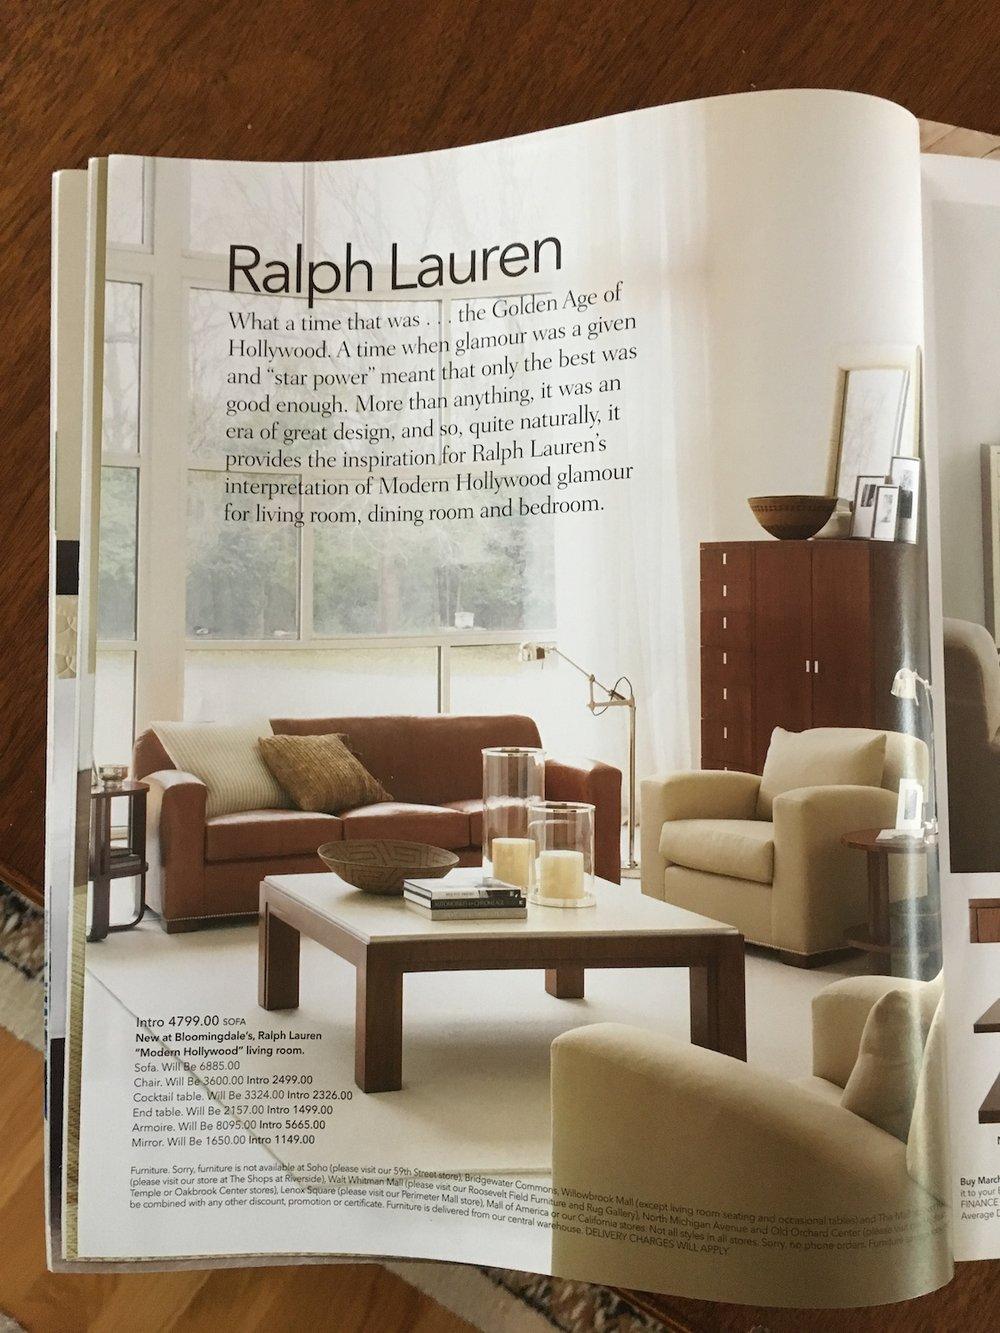 Bloomingdale's: Ralph Lauren Home